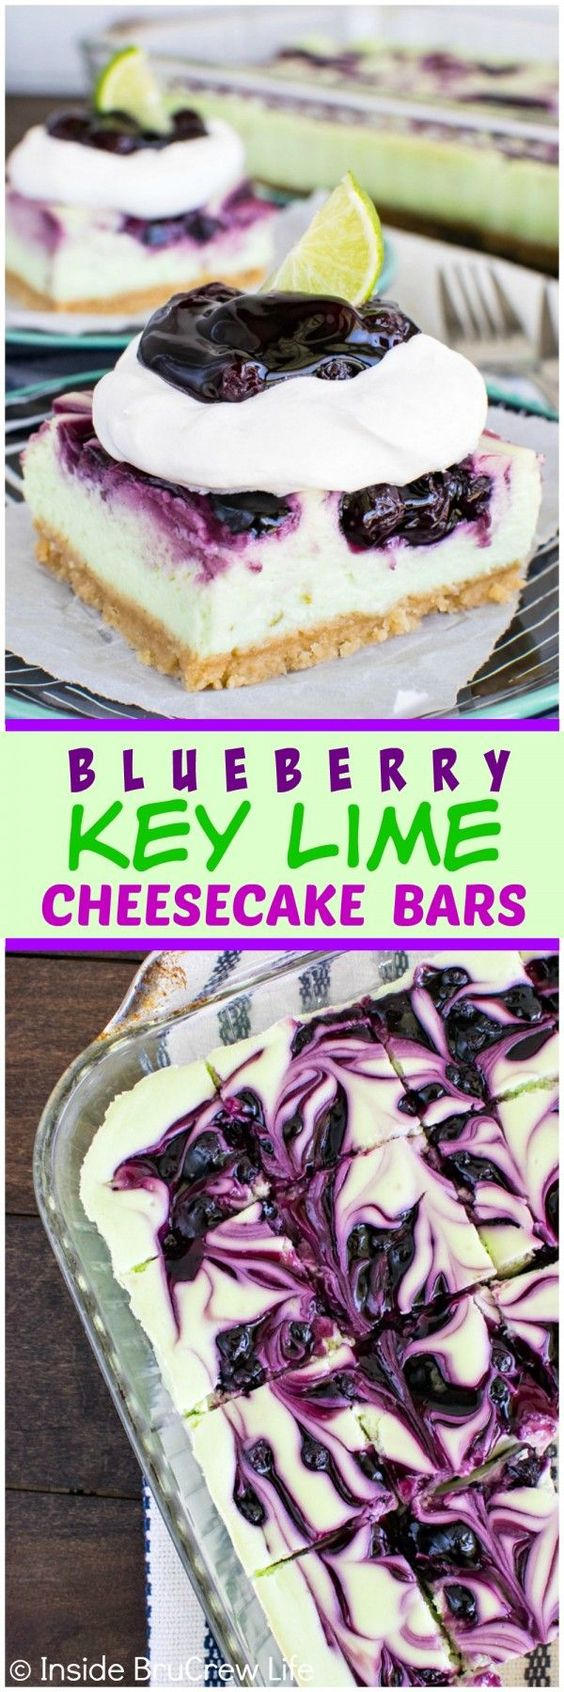 Key lime cheesecake, Lime cheesecake and Key lime on Pinterest